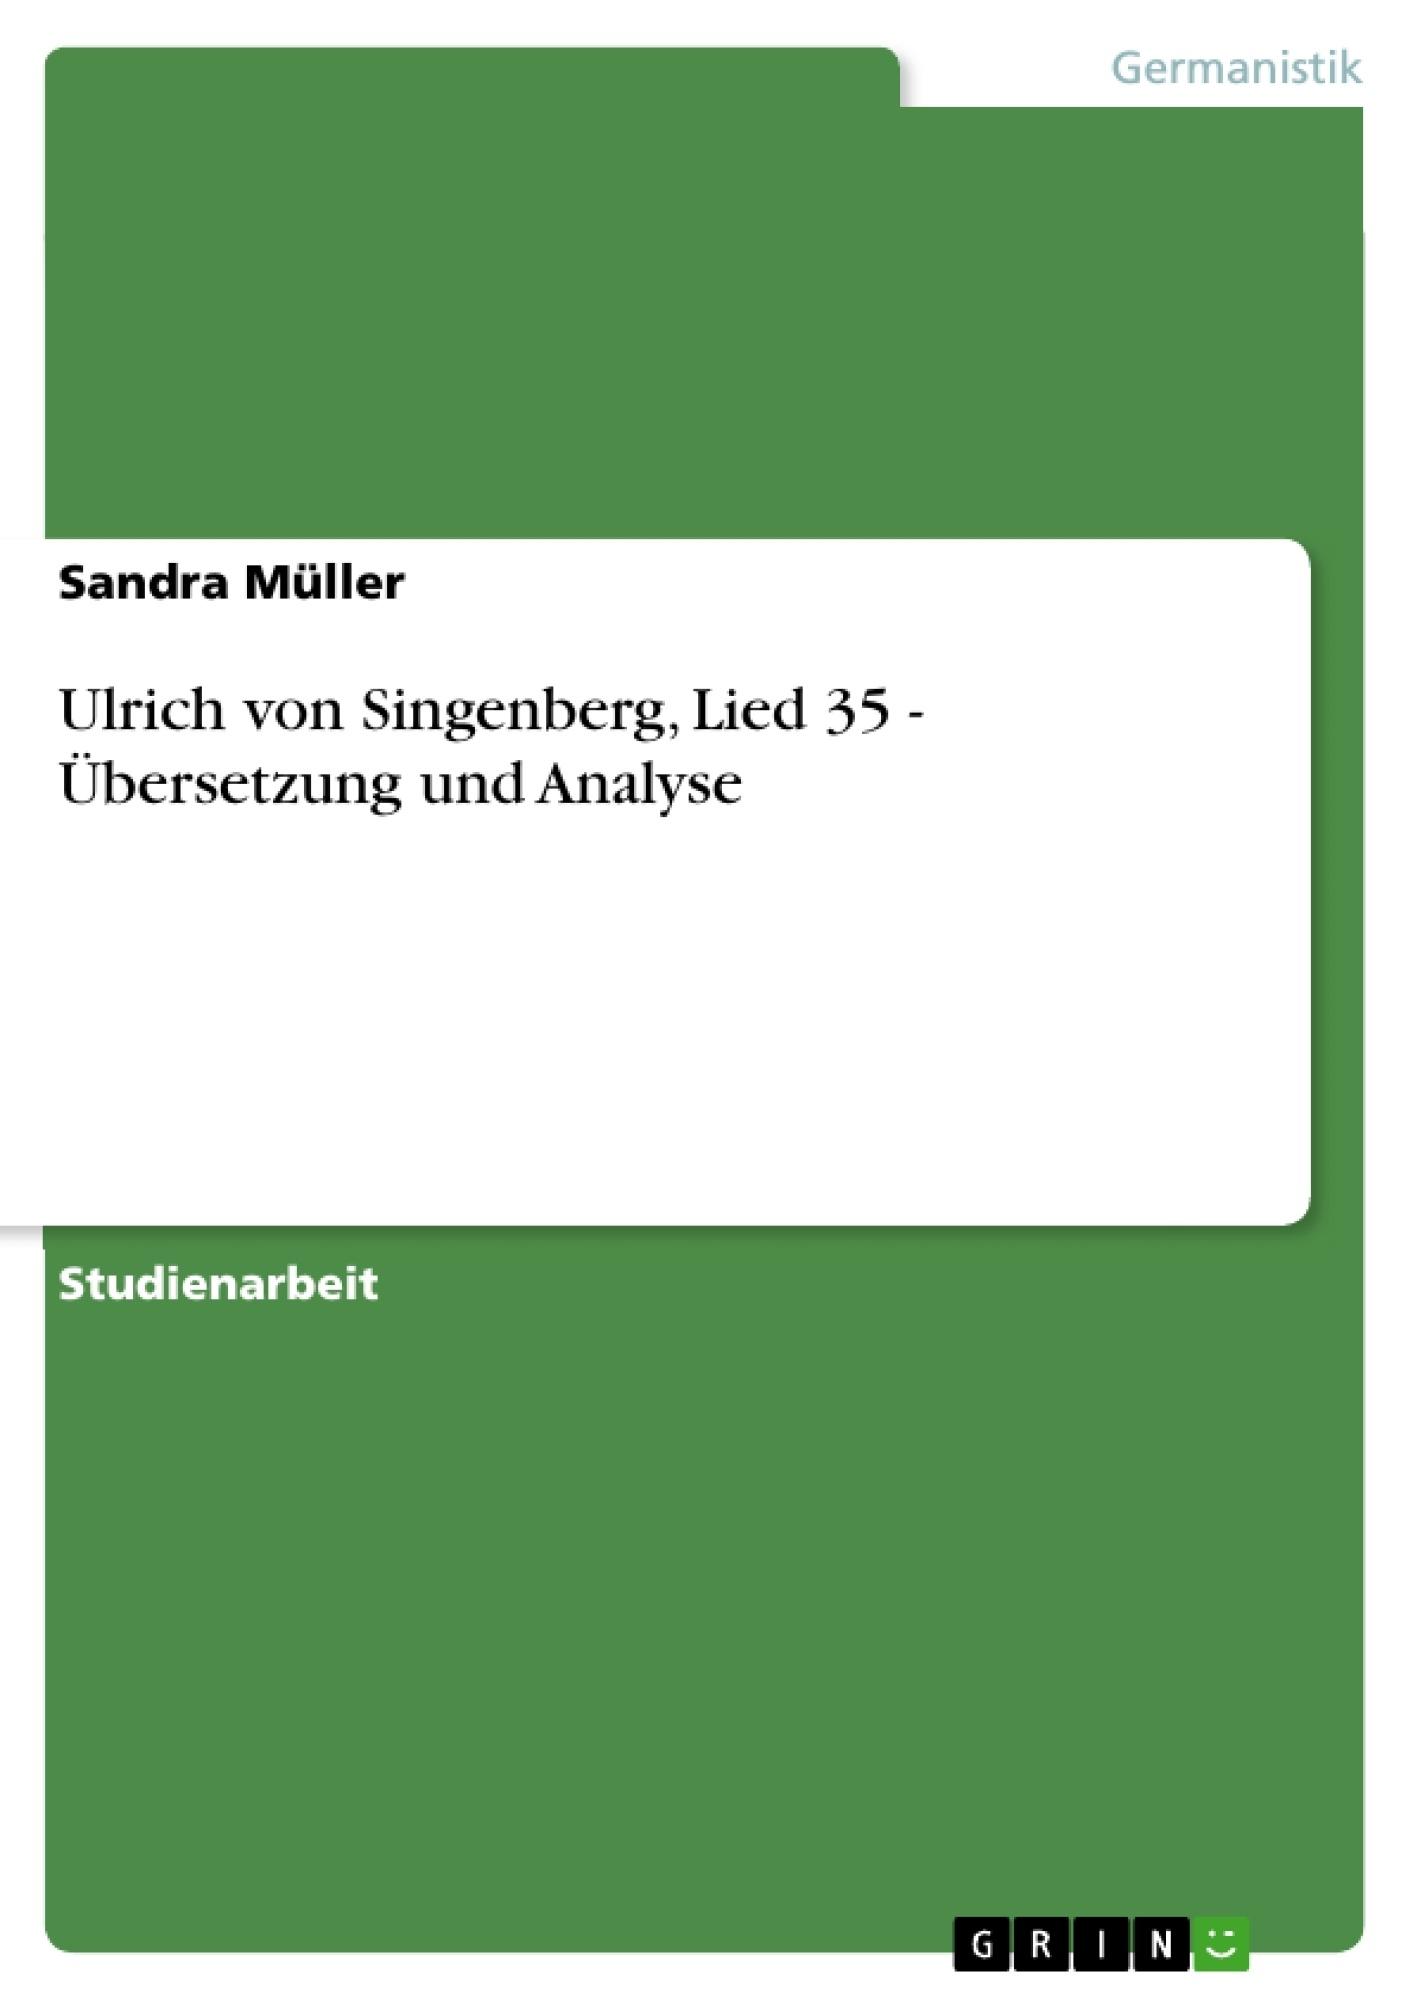 Titel: Ulrich von Singenberg, Lied 35 - Übersetzung und Analyse